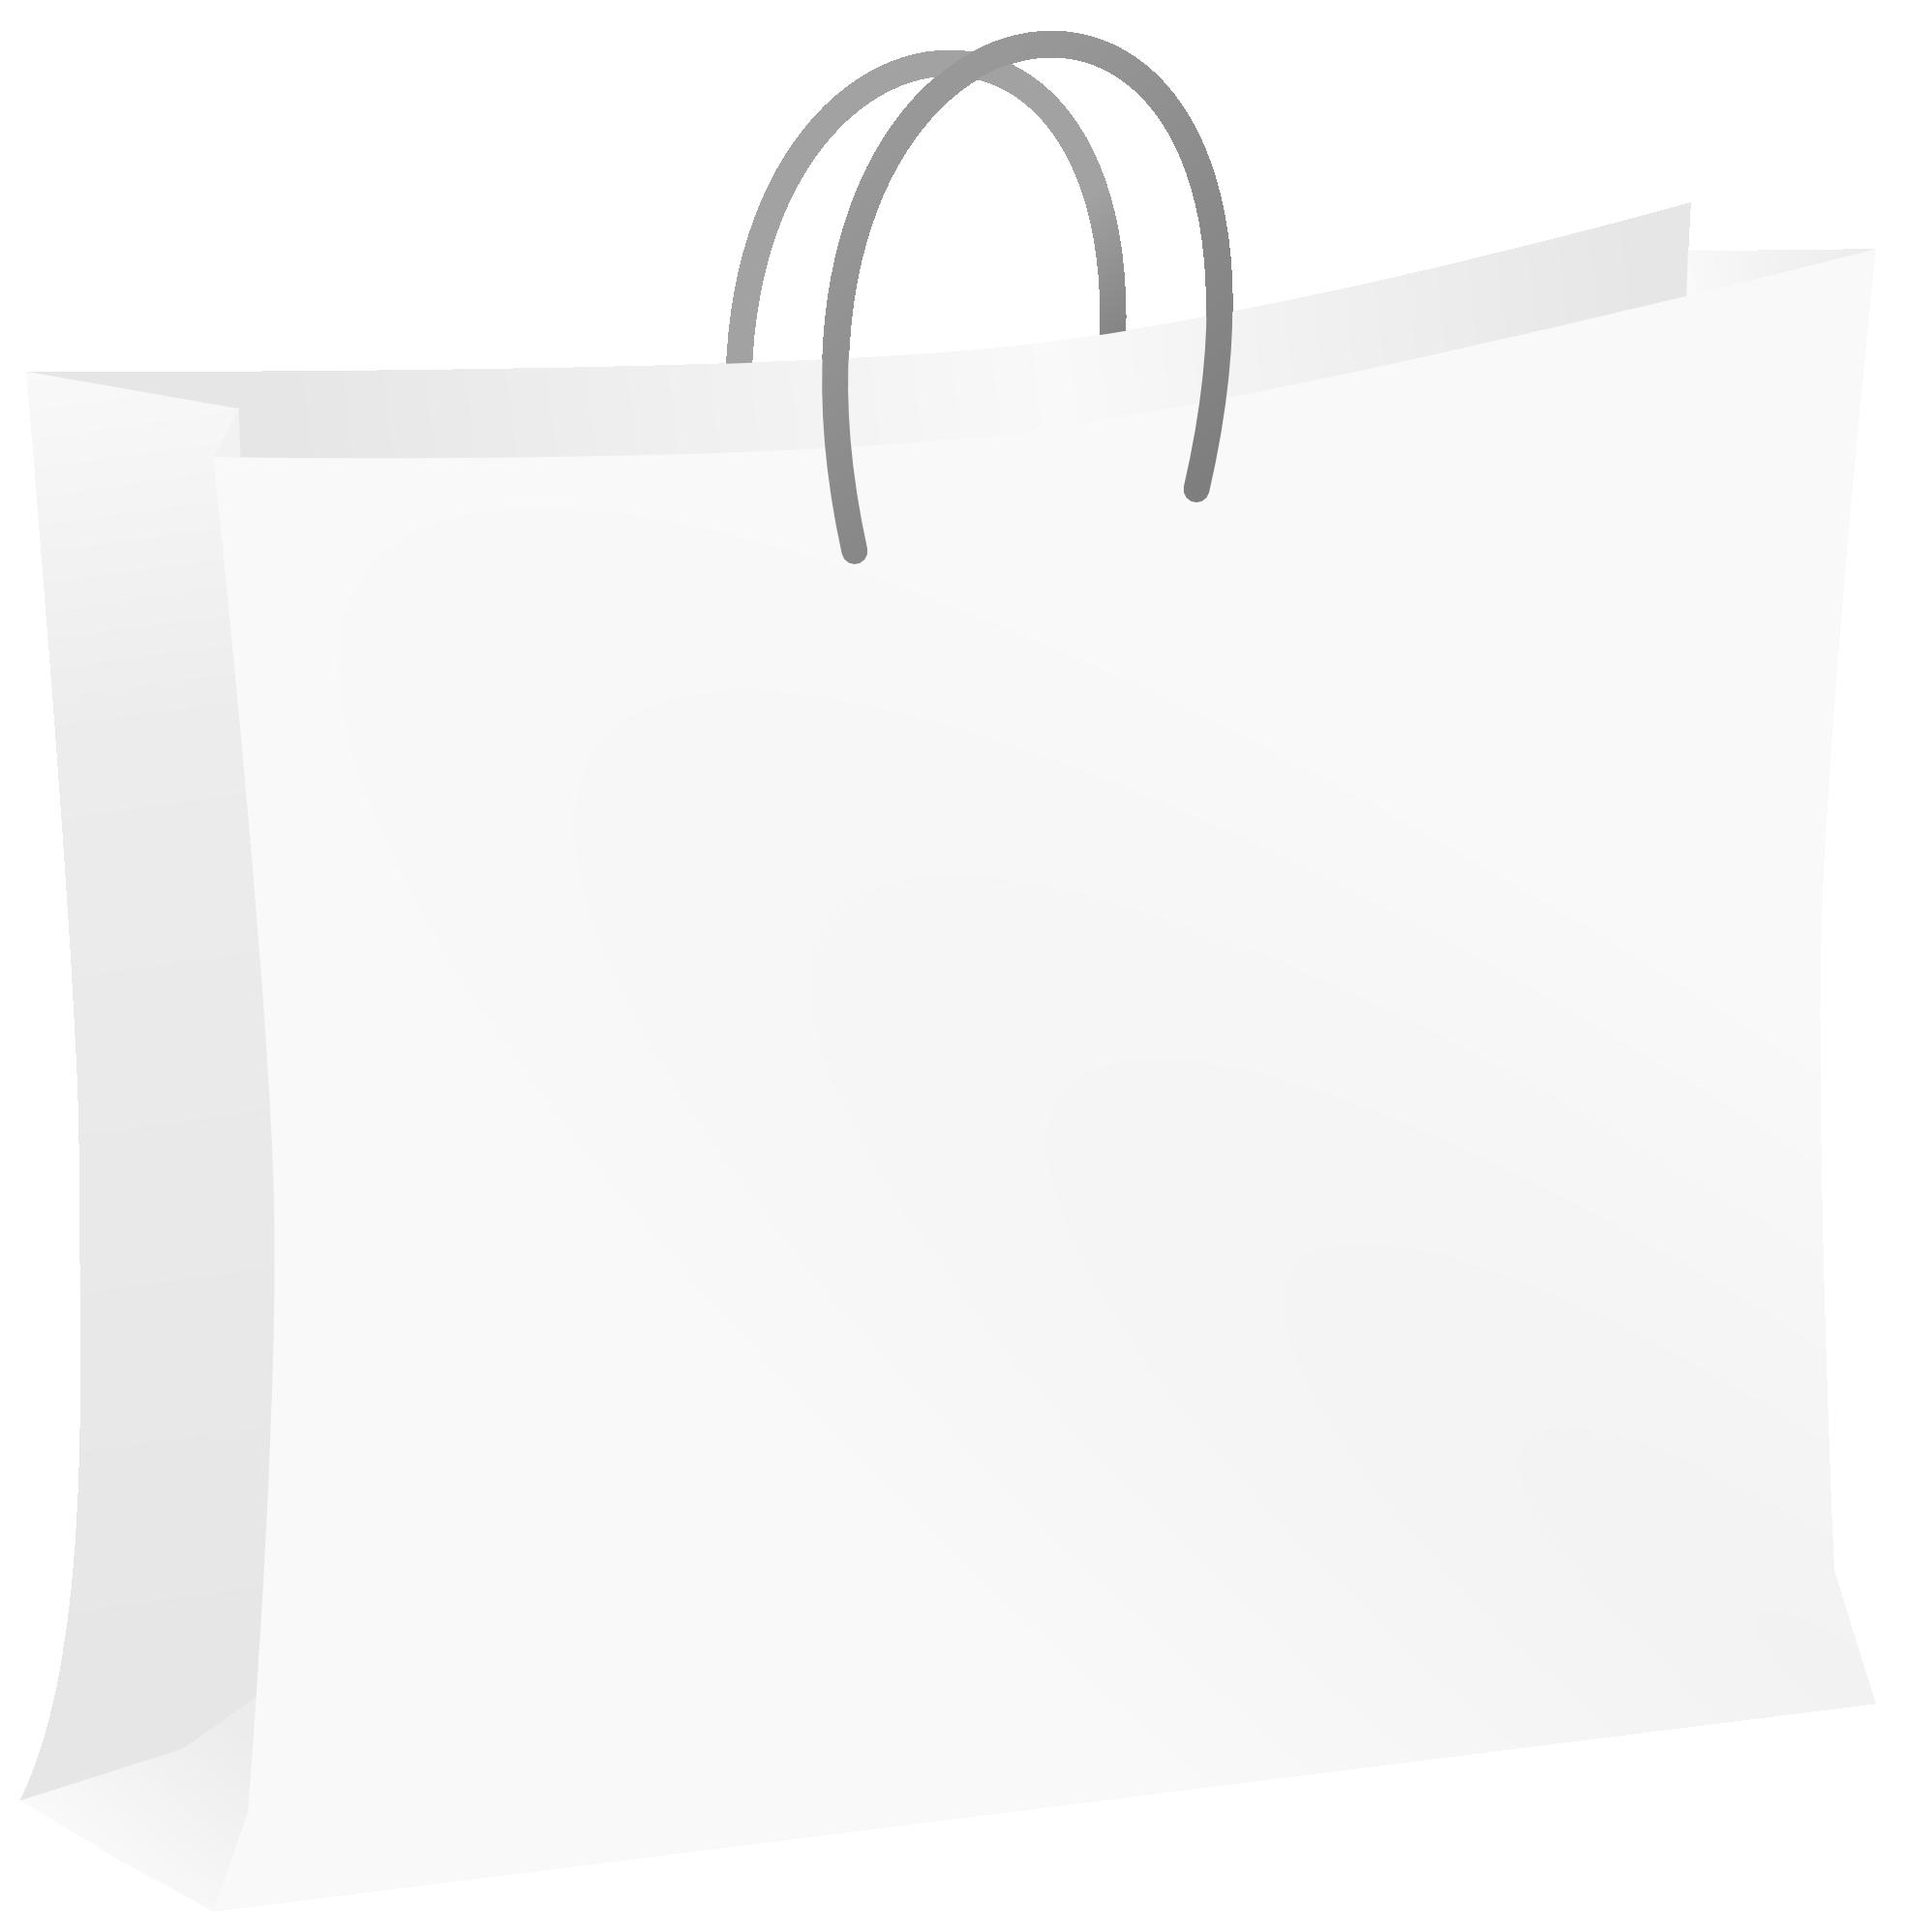 Shopping Bag Clipart Brown Bag Clipart W-Shopping Bag Clipart Brown Bag Clipart White Bag 1969px Png-15